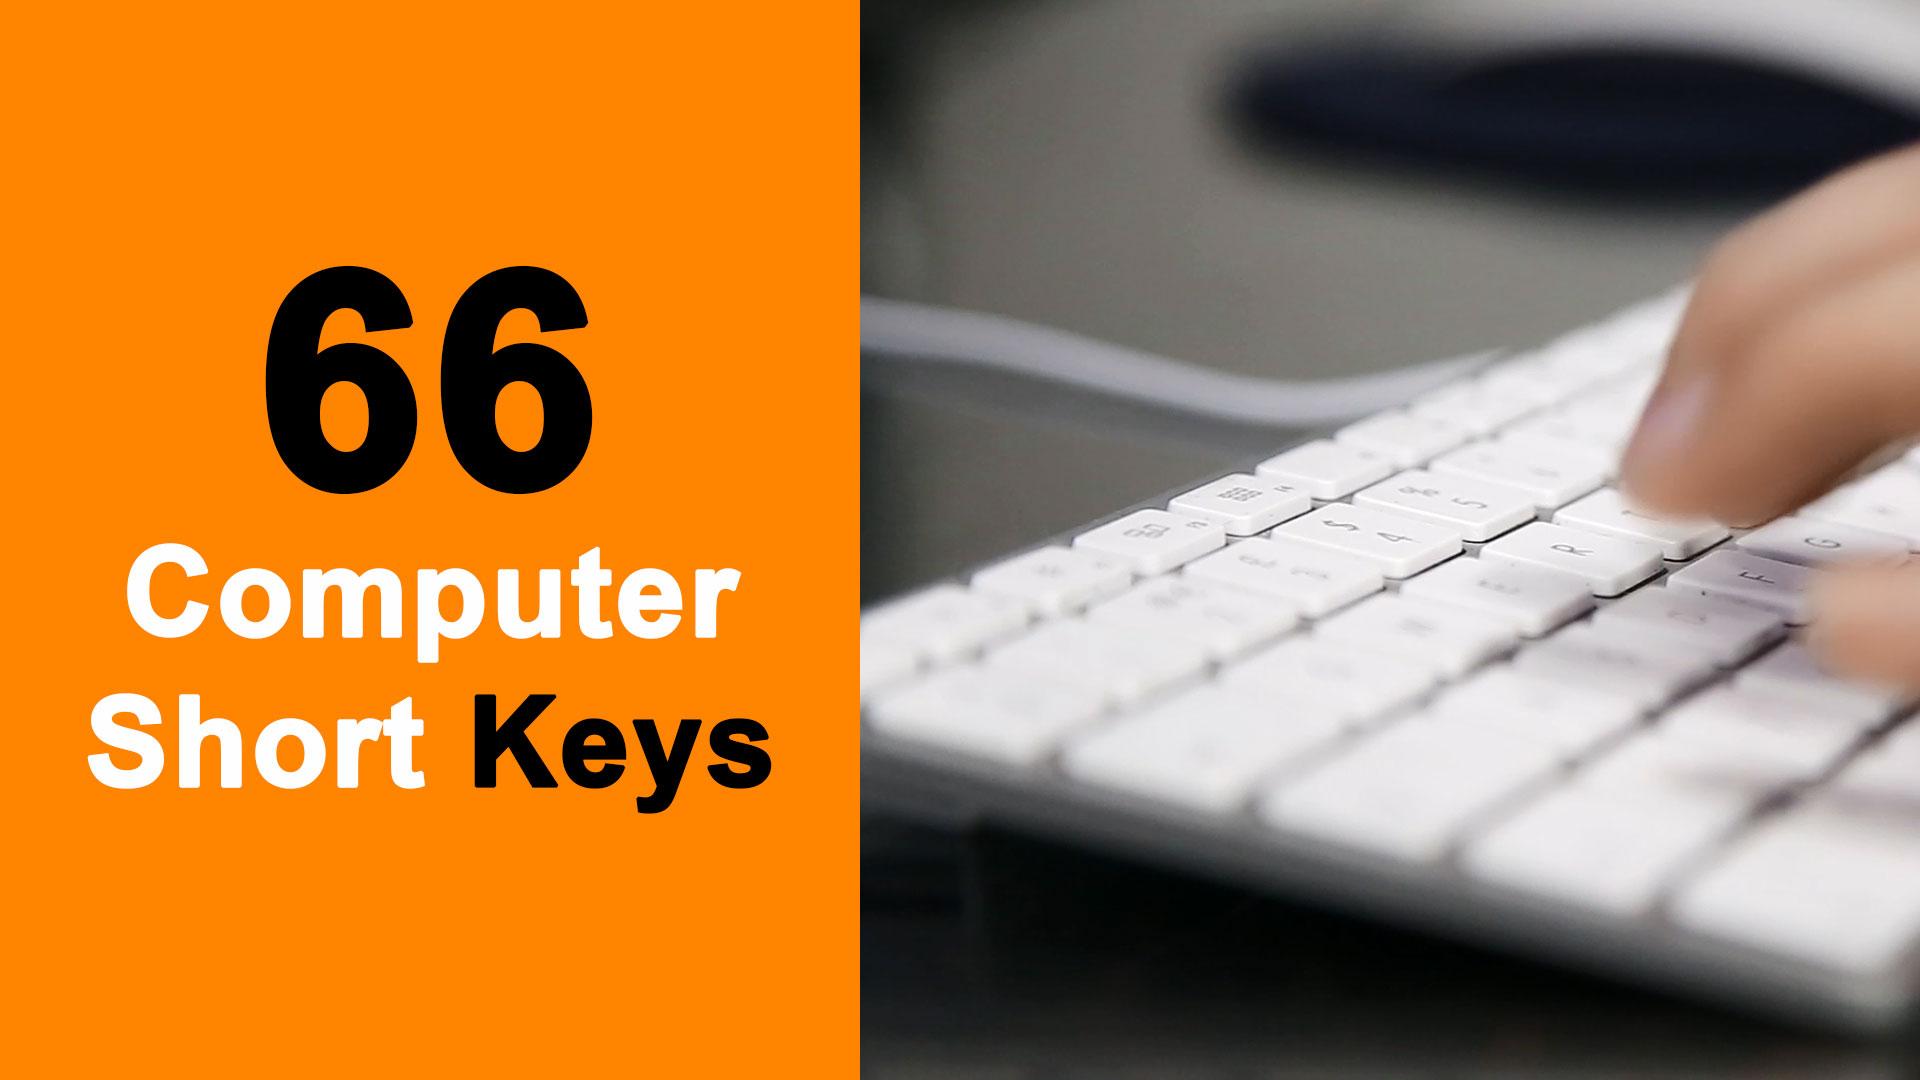 66 Computer Shorts Keys